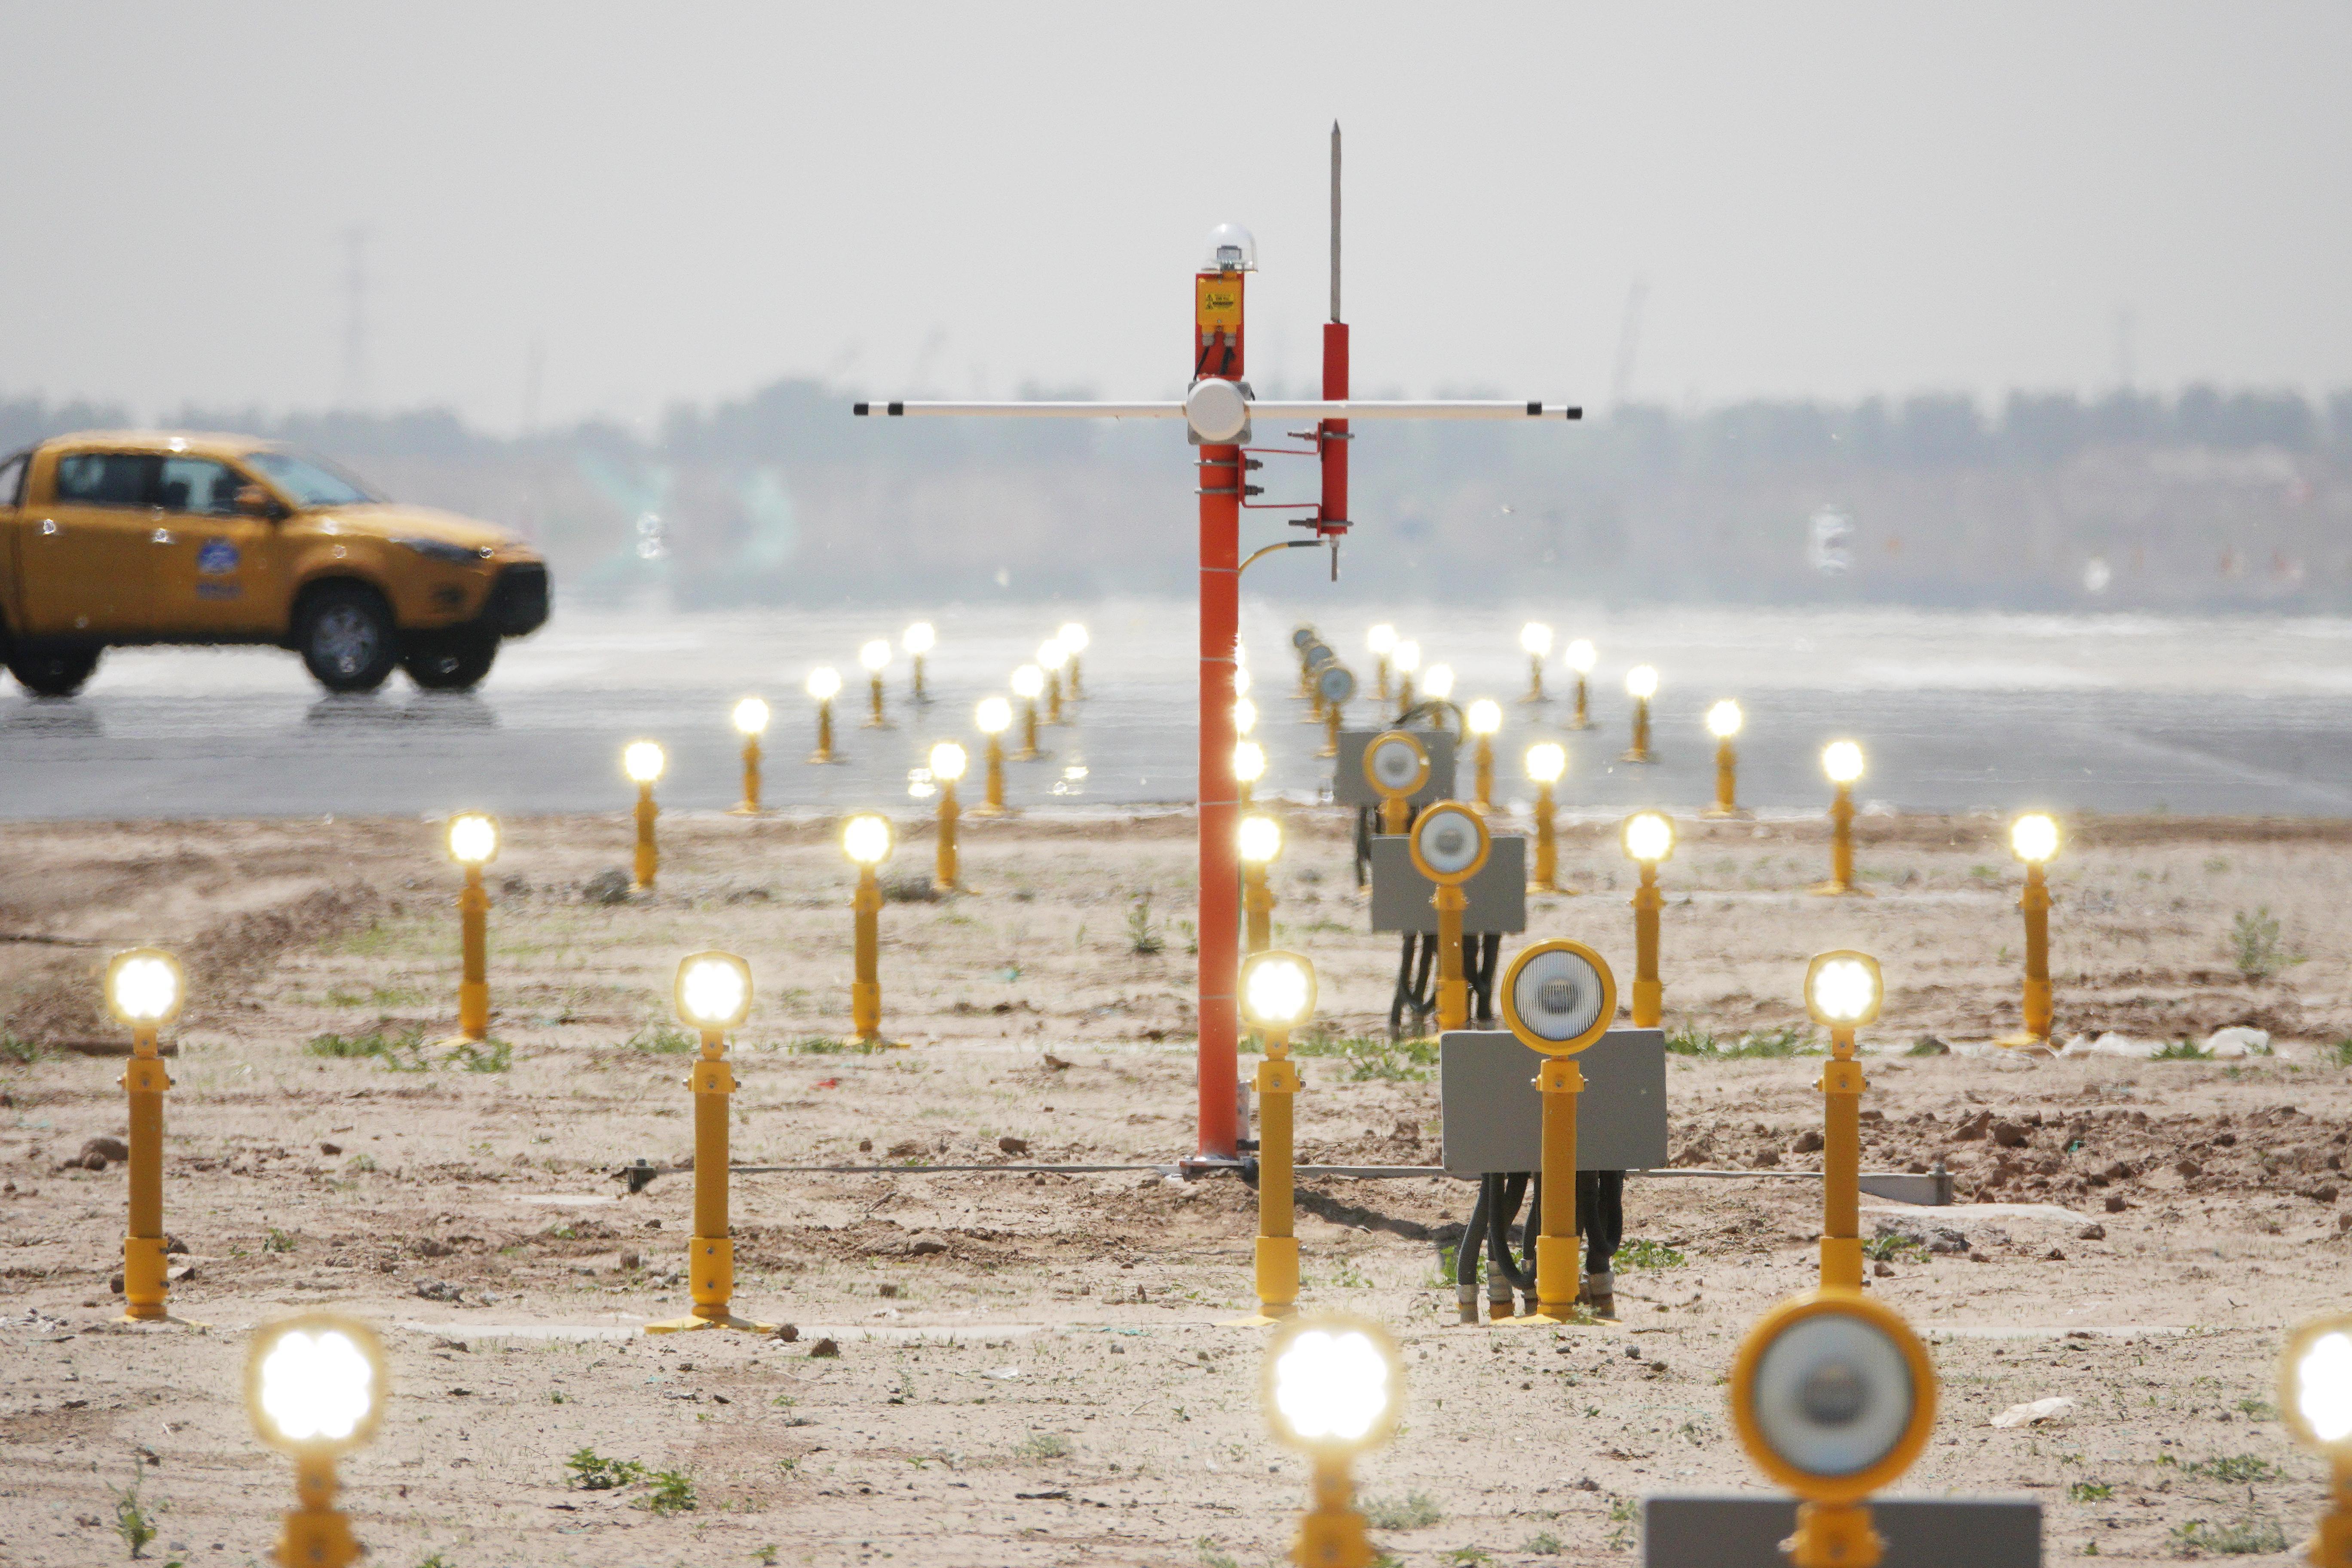 北京大兴国际机场将迎真机试飞 要验证哪在线配资网些飞行程序?